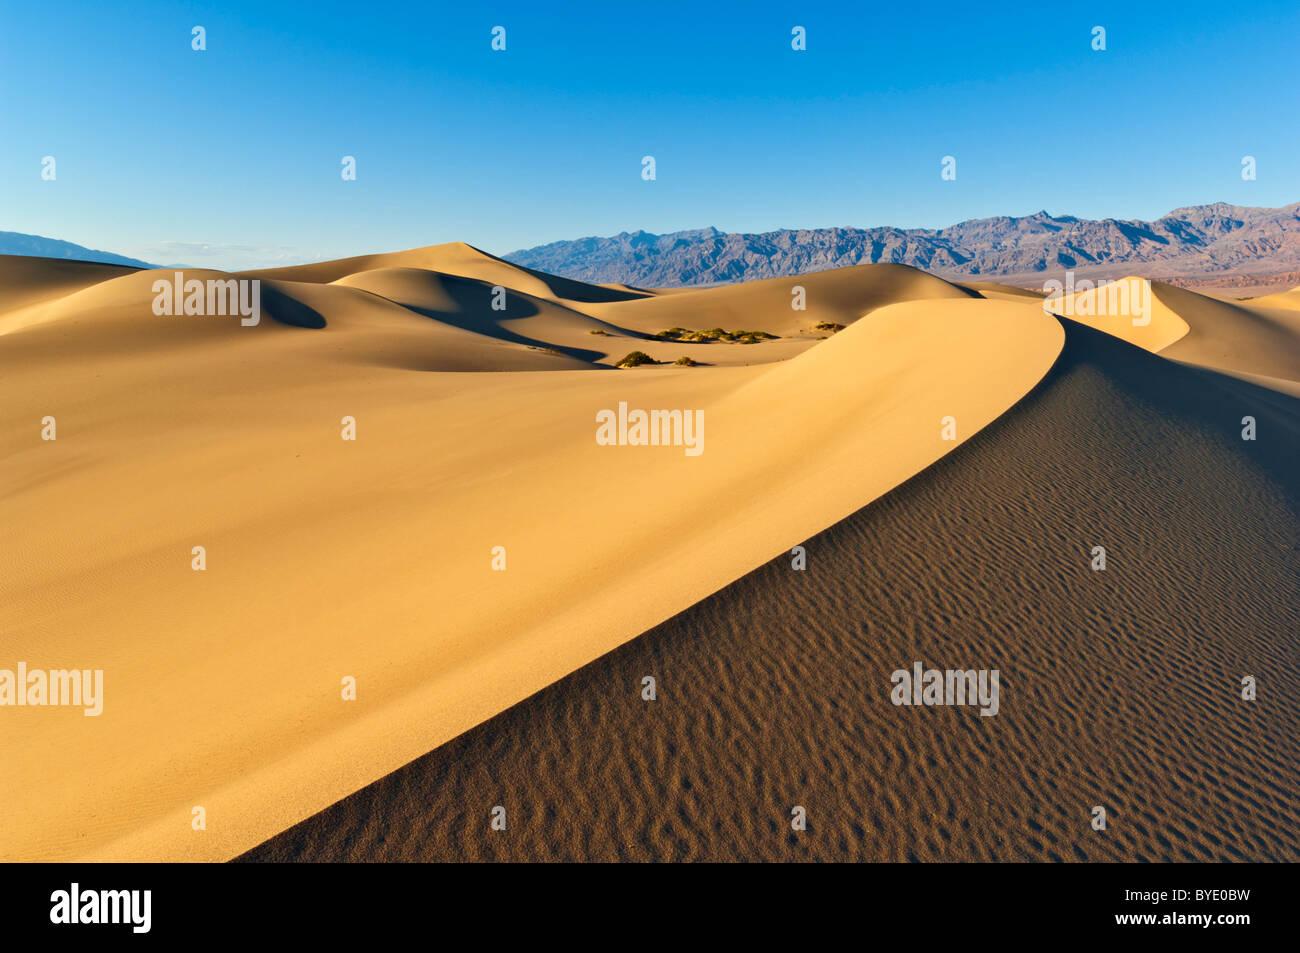 Mesquite Flats Sanddünen Grapevine Mountains von der Amargosa reichen Stovepipe Wells Death Valley Nationalpark, Stockfoto